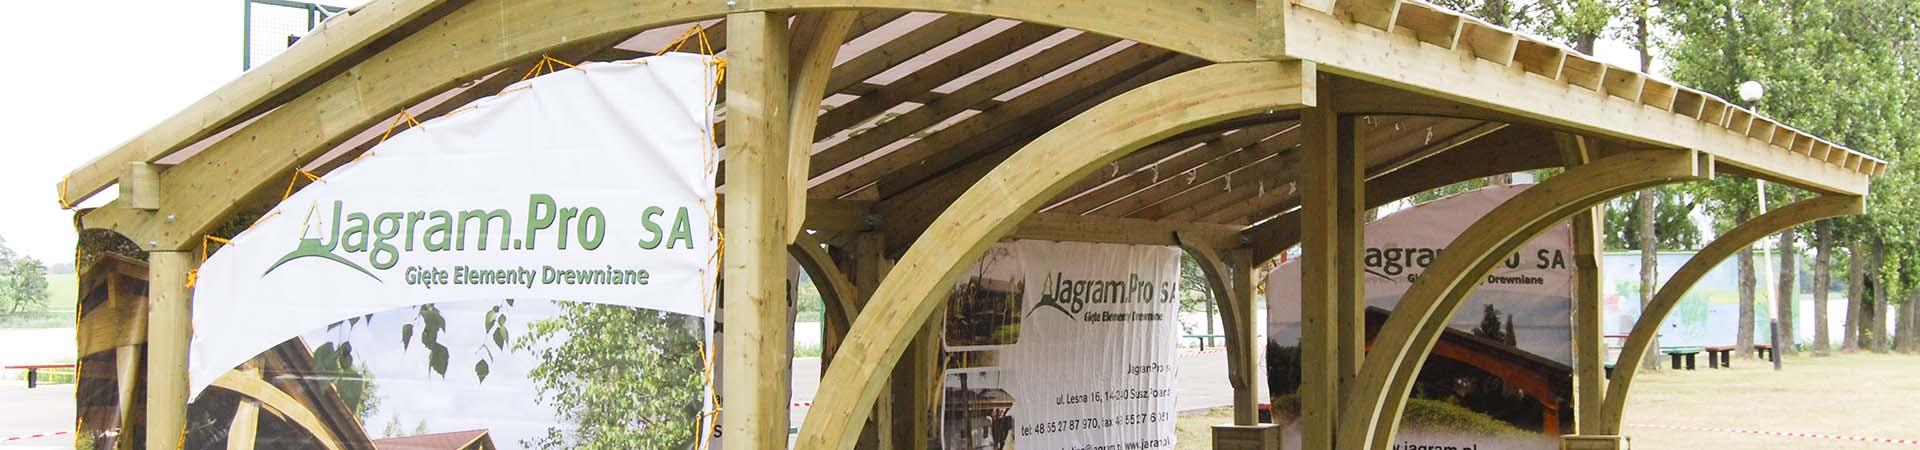 Jagram-Pro S.A.